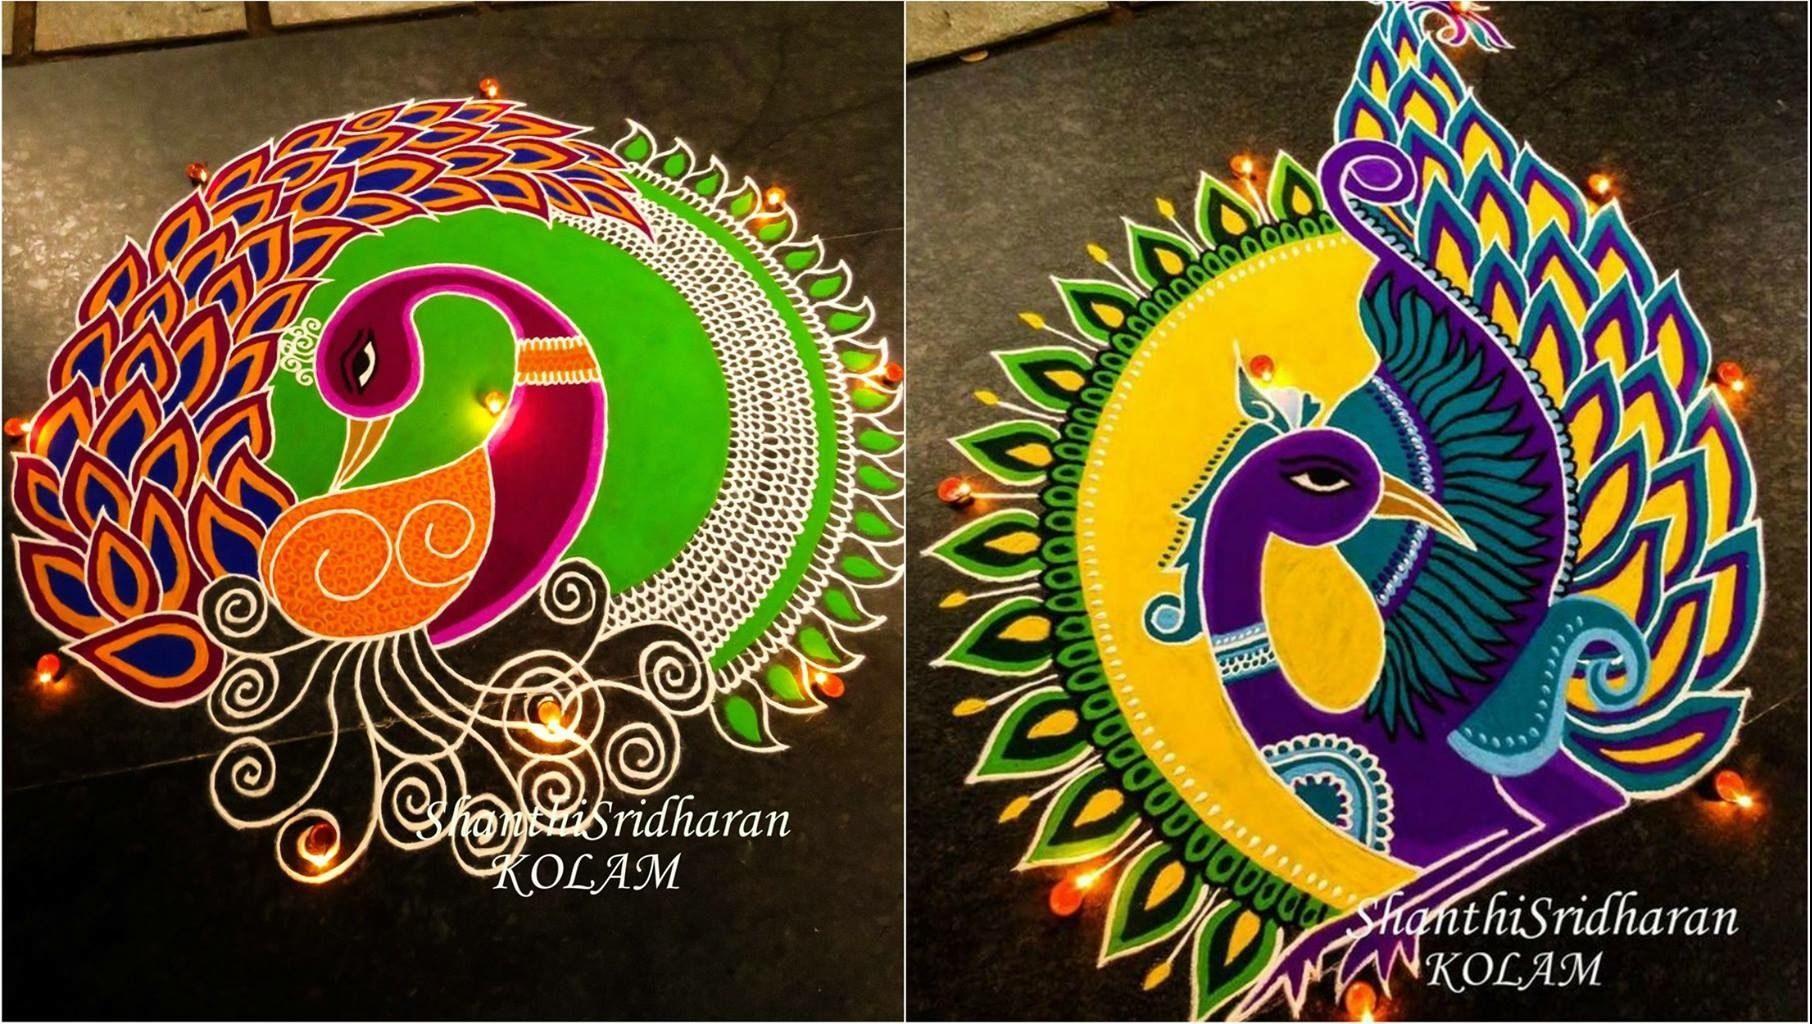 Sankranthi rangoli designs 2021